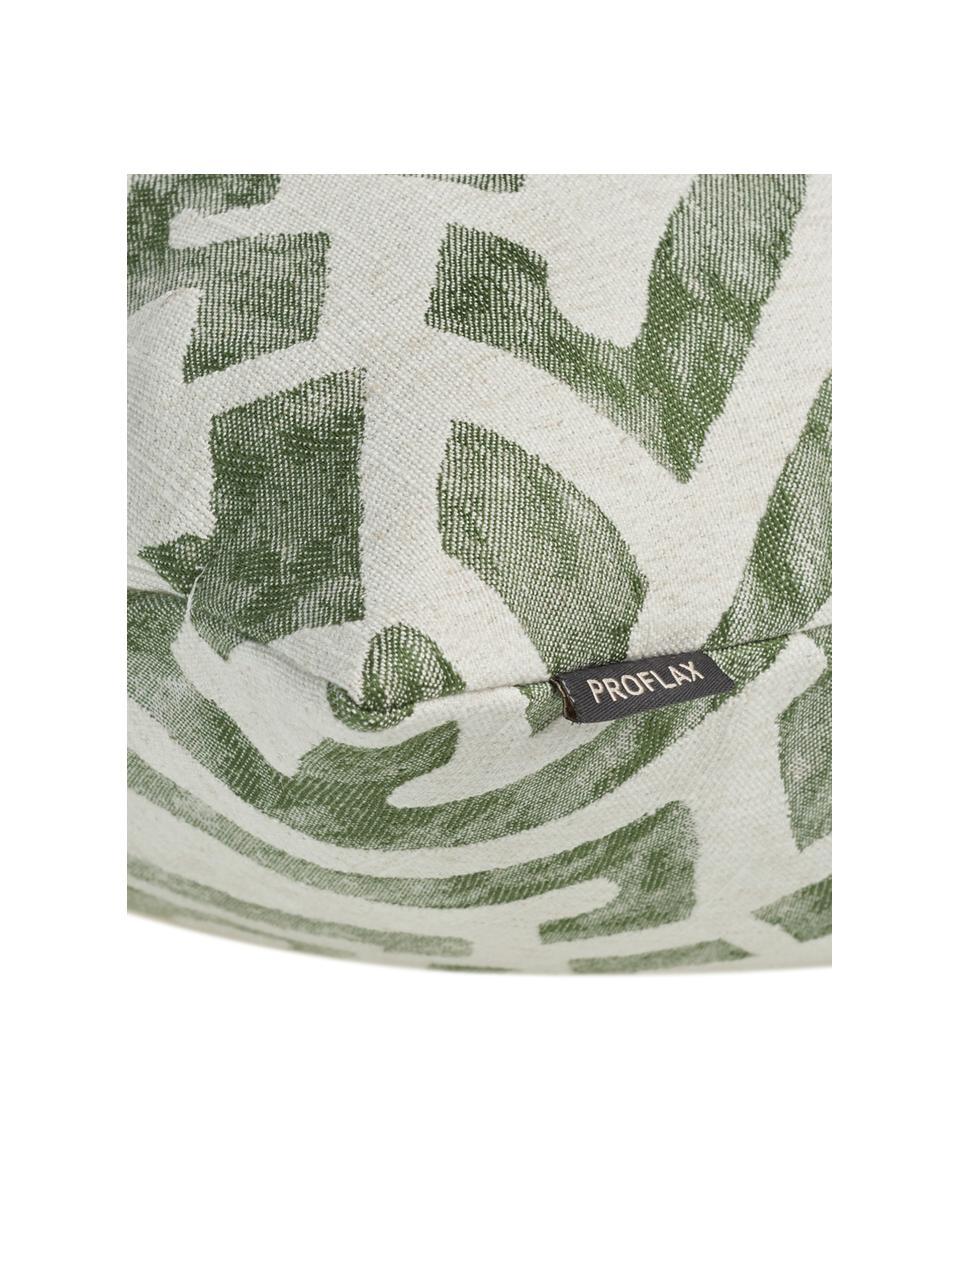 Poszewka na poduszkę z efektem sprania etno Elani, 65%poliester, 25%wiskoza, 10%len, Kremowy, zielony, S 40 x D 40 cm